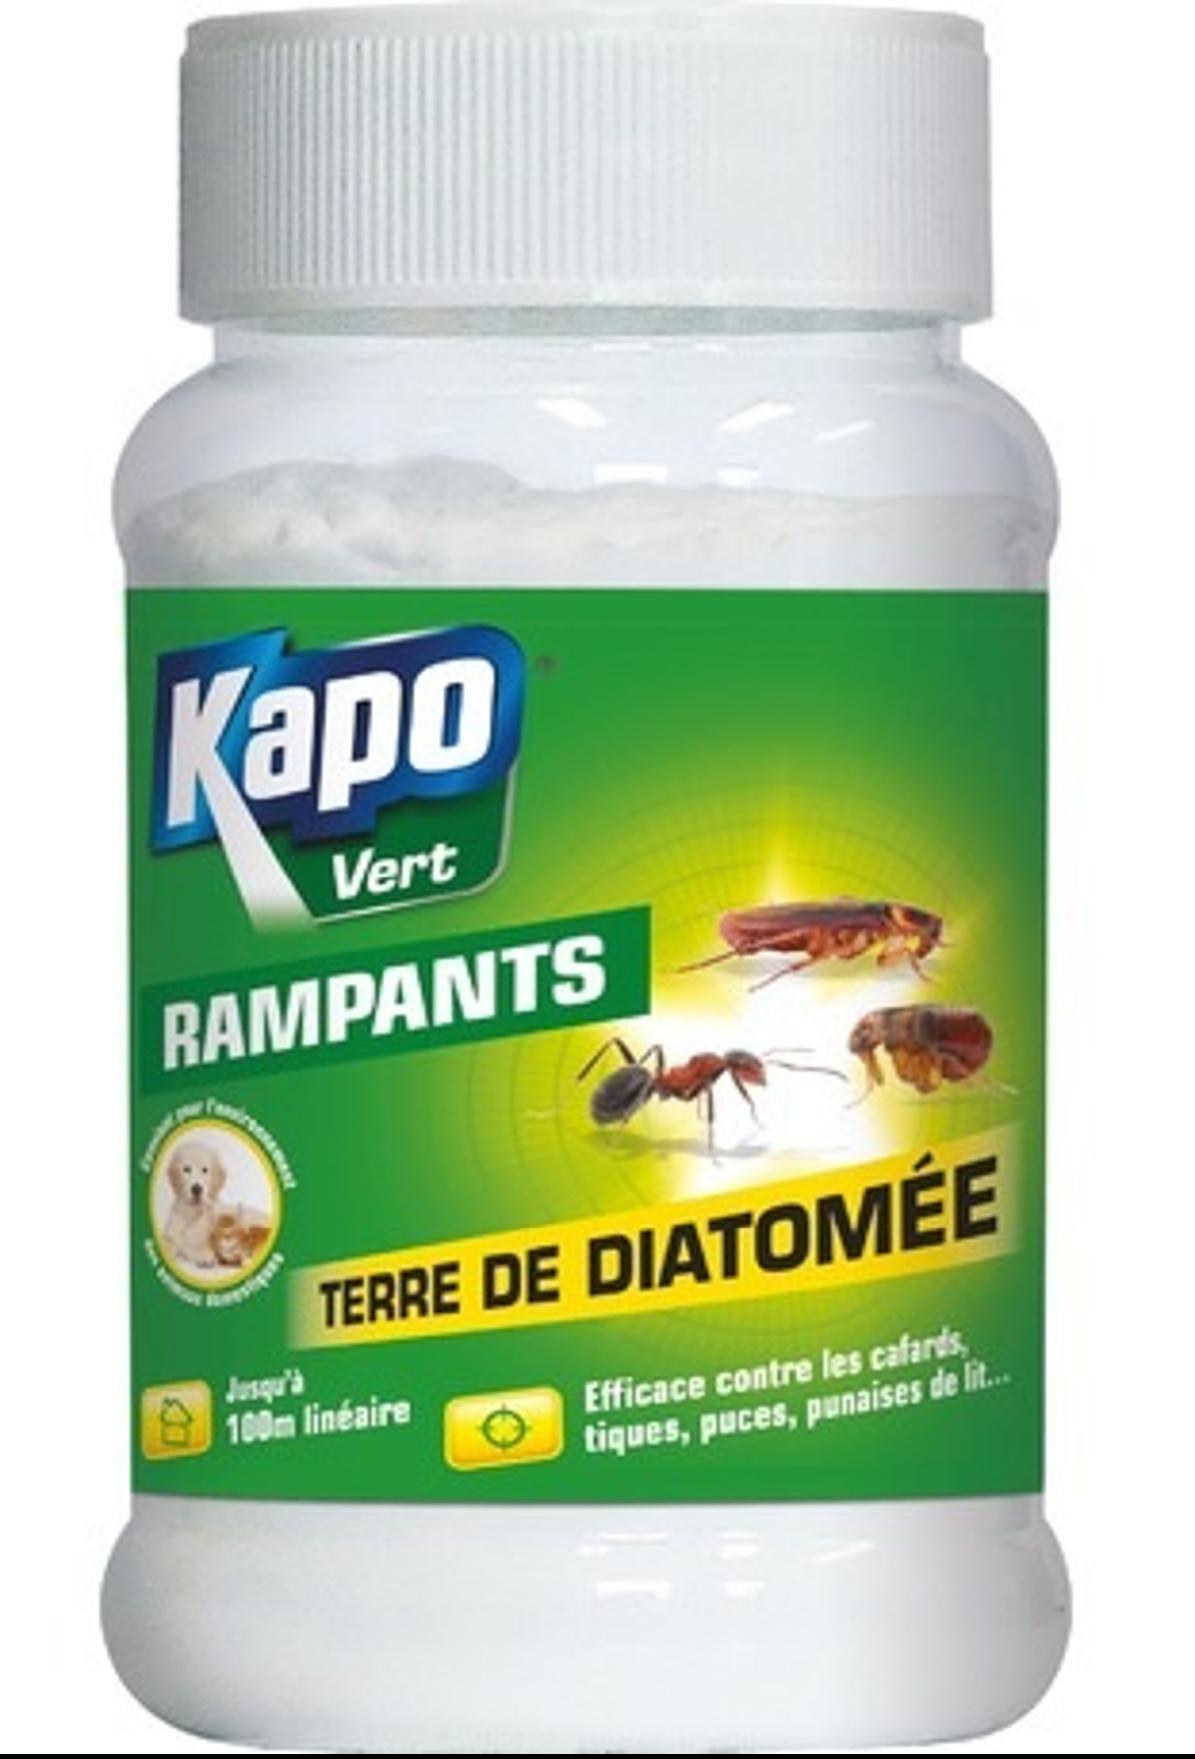 Terre de diatomée Kapo Vert 100G